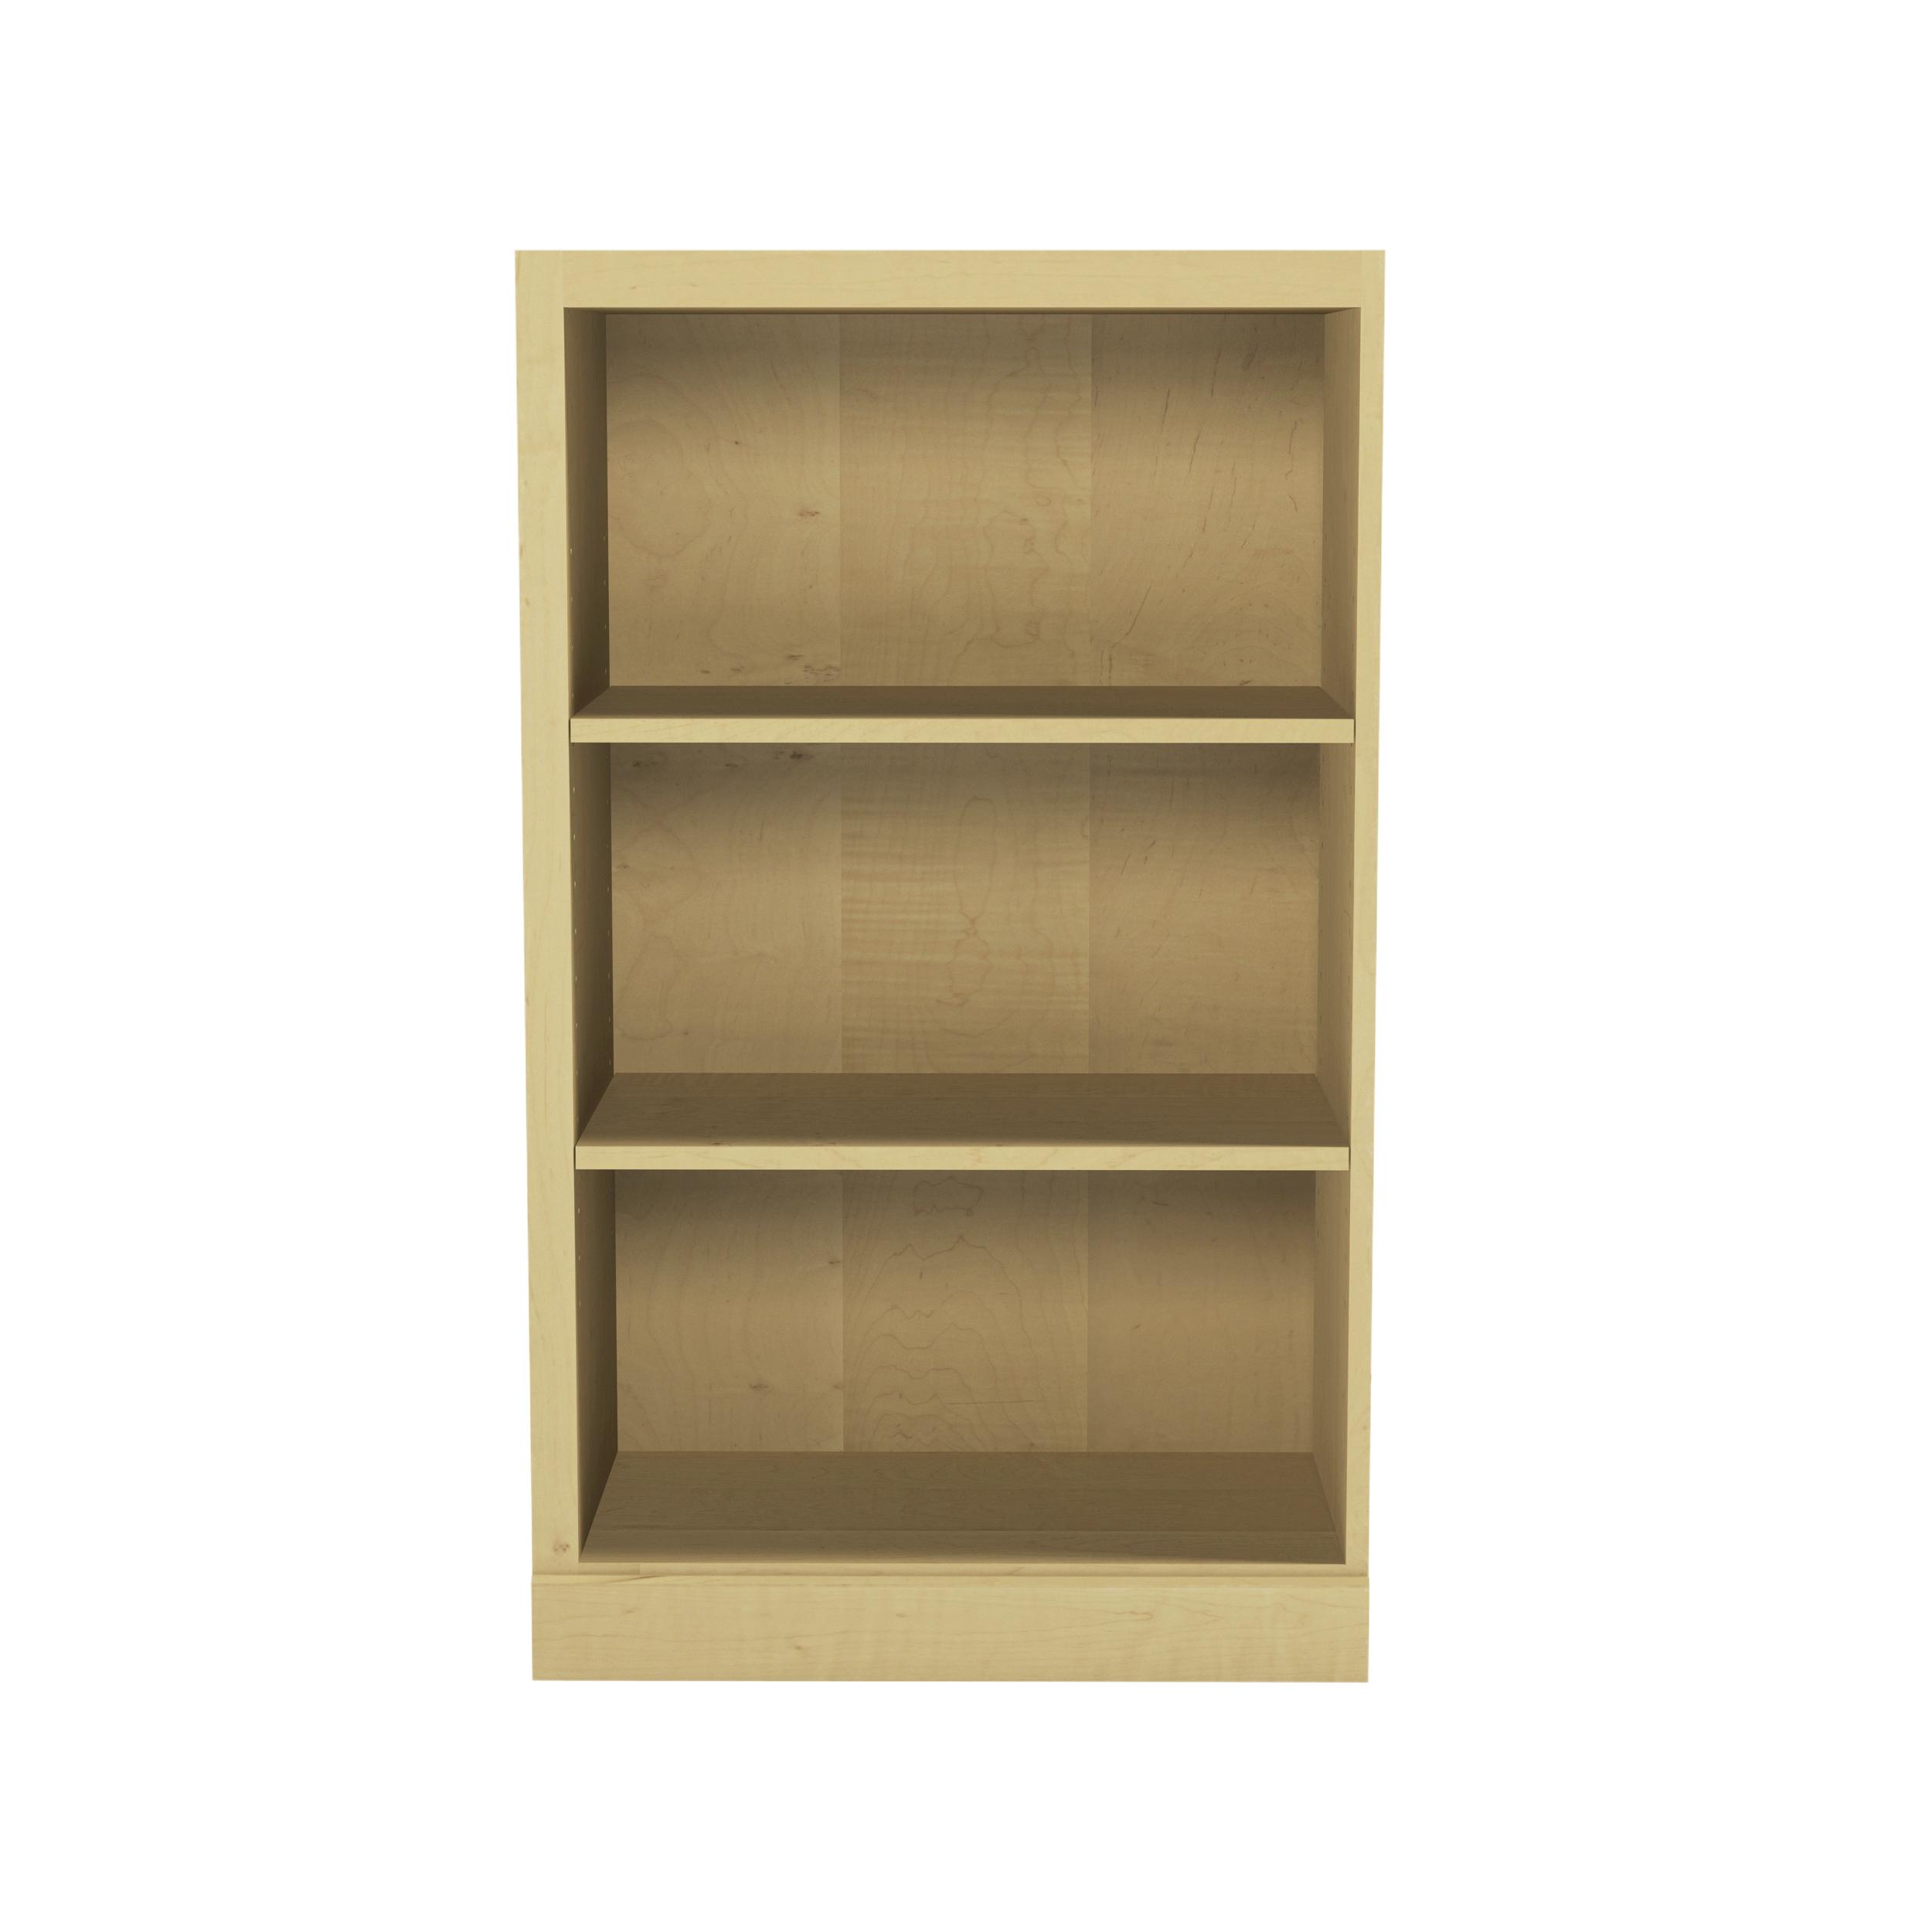 Flexmoderne 45″ In Height Deep Leftside Bookshelf